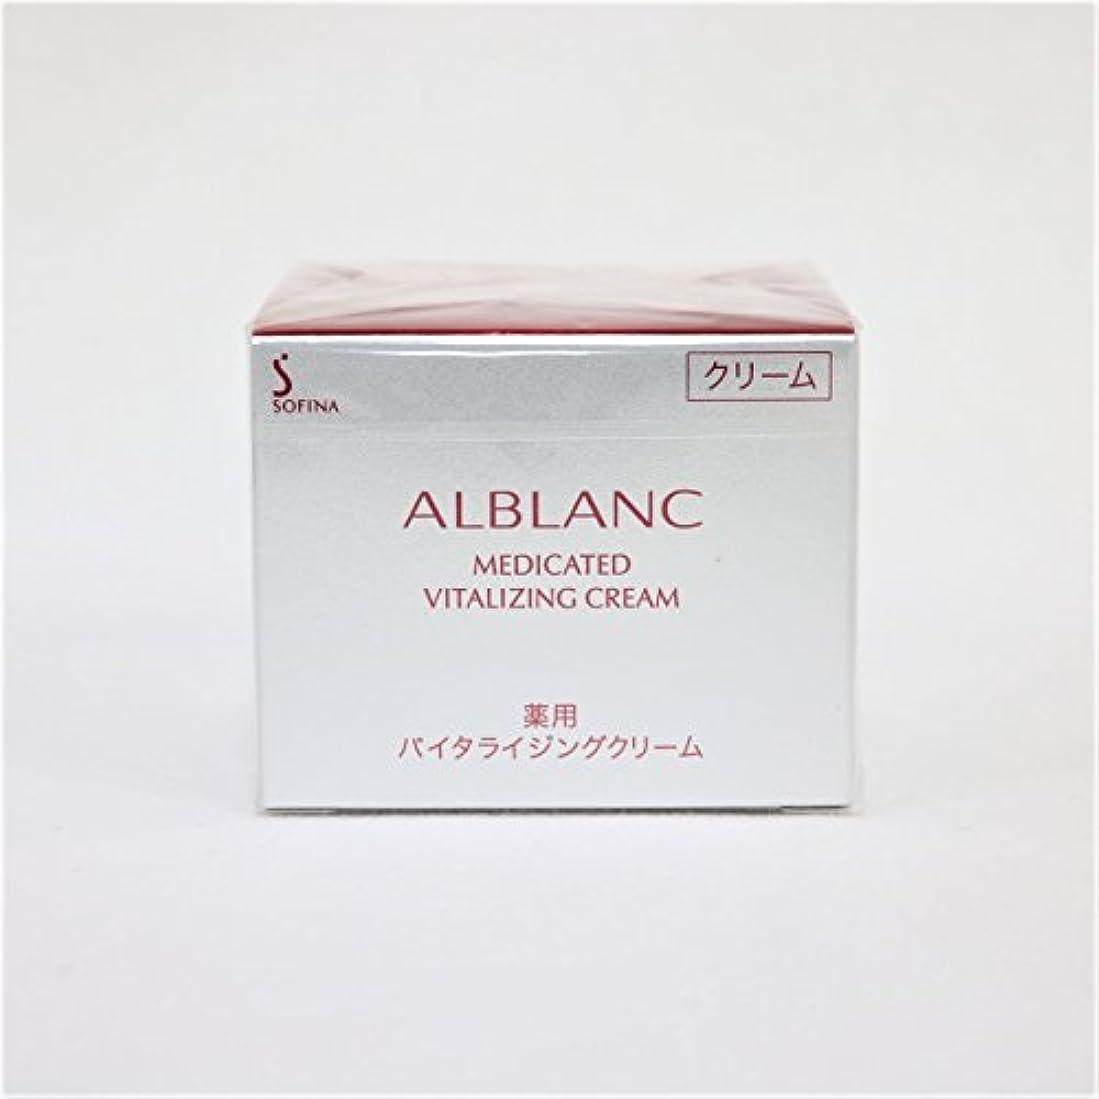 前にである熱狂的なソフィーナ アルブラン 薬用バイタライジングクリーム 40g